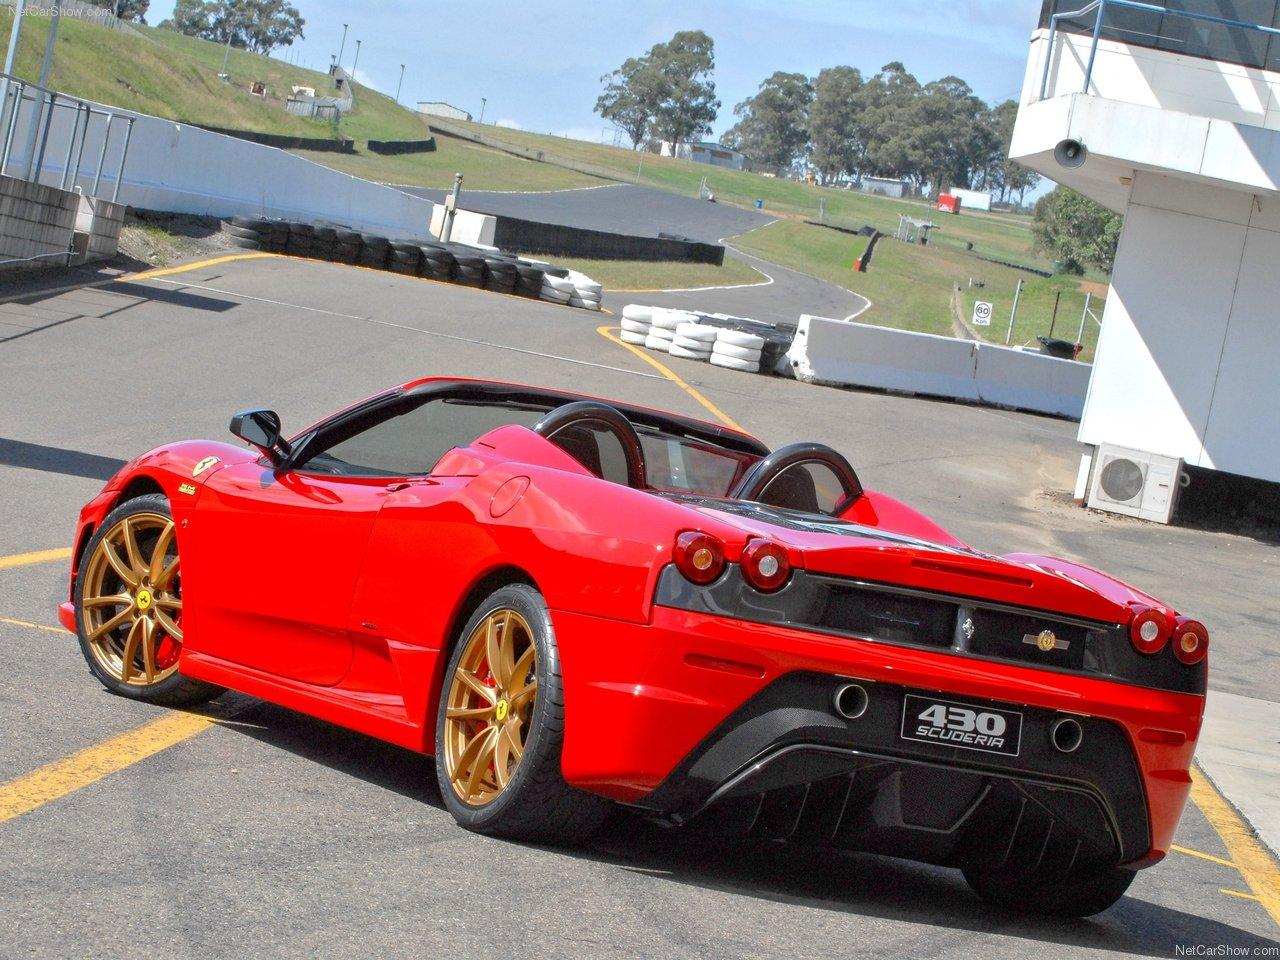 http://3.bp.blogspot.com/-j6WLHO6xpxQ/TYGLNdJaiAI/AAAAAAAABso/_jqo21unzvA/s1600/Ferrari-Scuderia_Spider_16M_2009_1280x960_wallpaper_07.jpg